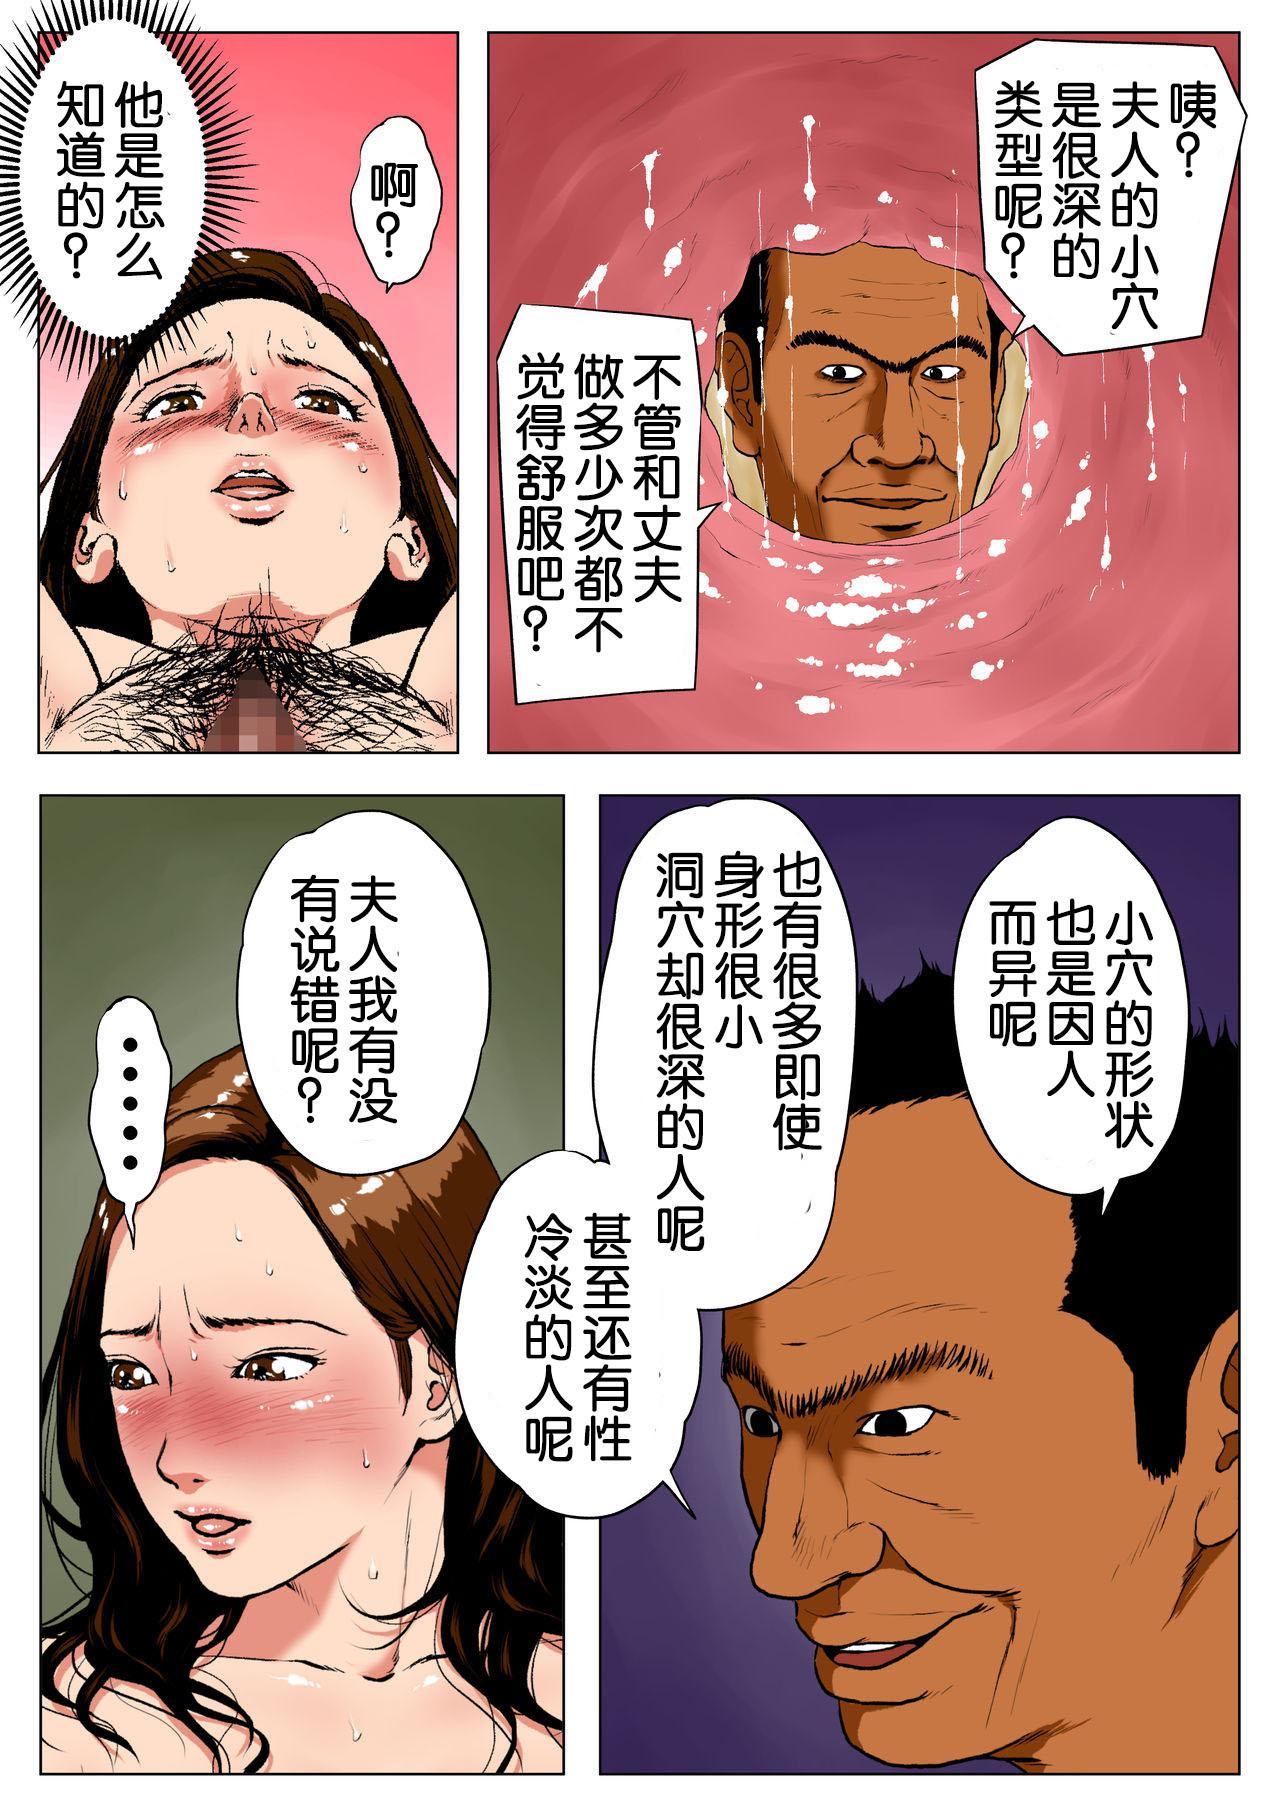 [W no Honnou] Shin, Boku no Tsuma to Kyokon no Moto AV Danyuu Buchou[Chinese]【不可视汉化】 32